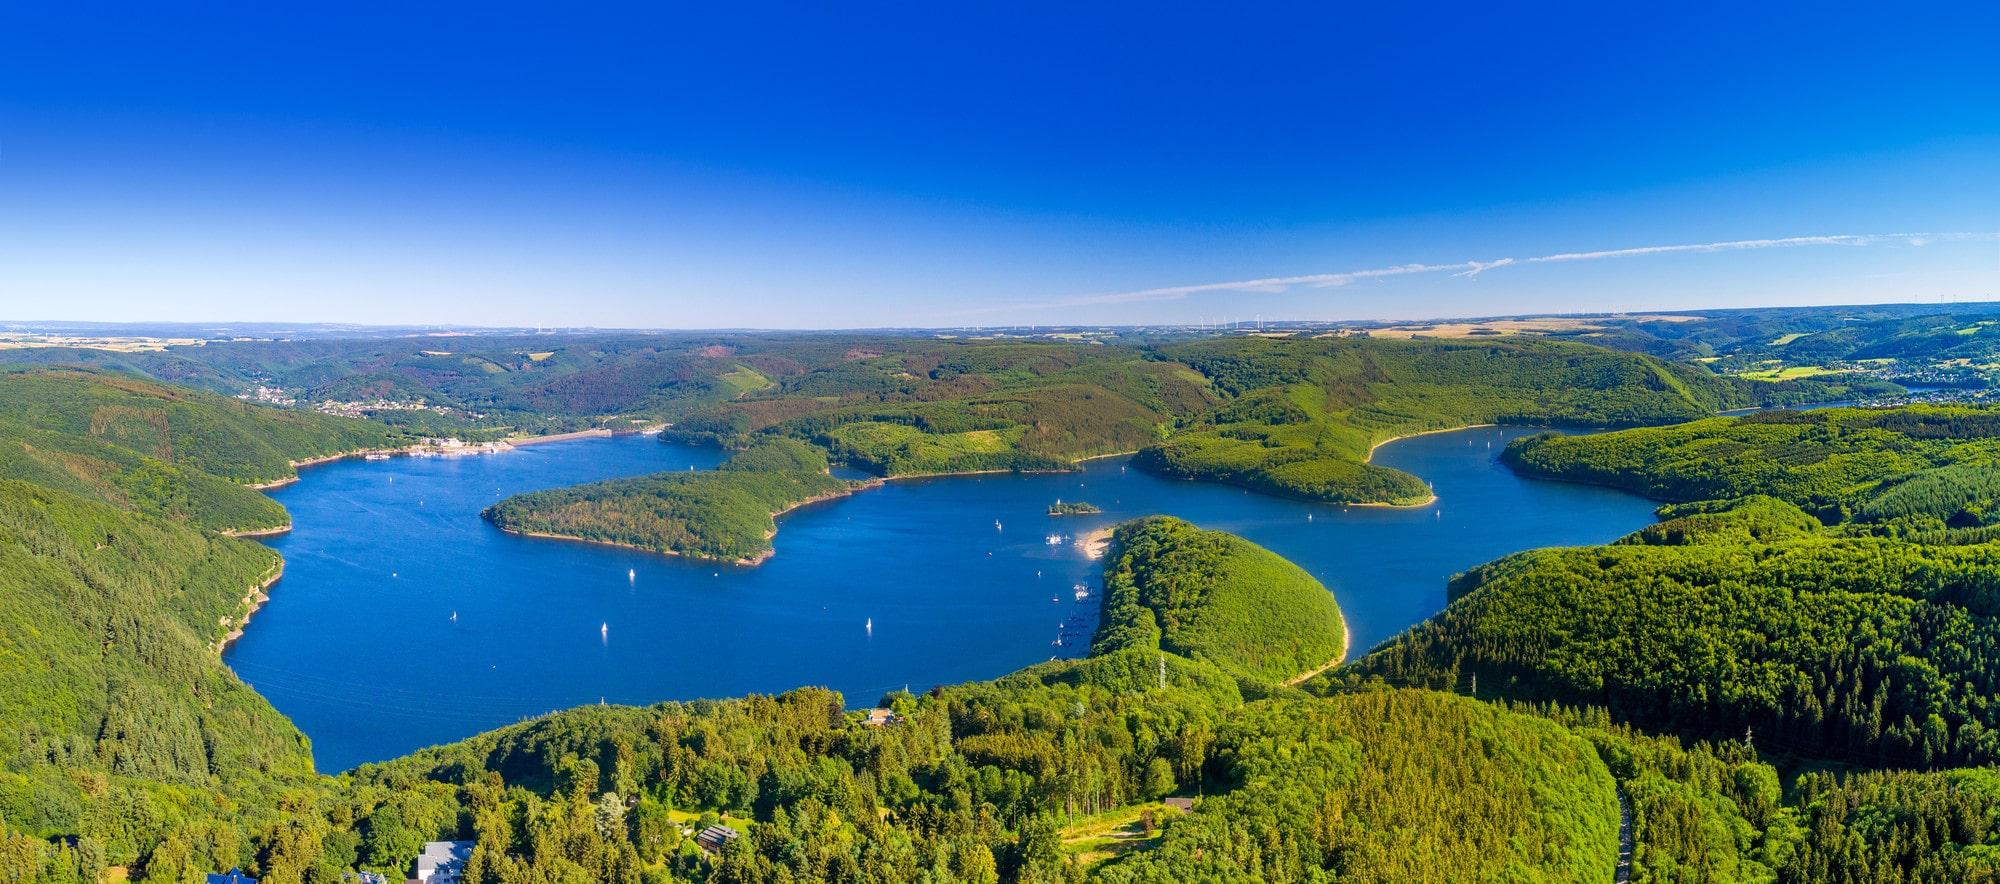 Het stuwmeer Rursee in het nationaalpark Eifel in Nordrhein-Westfalen